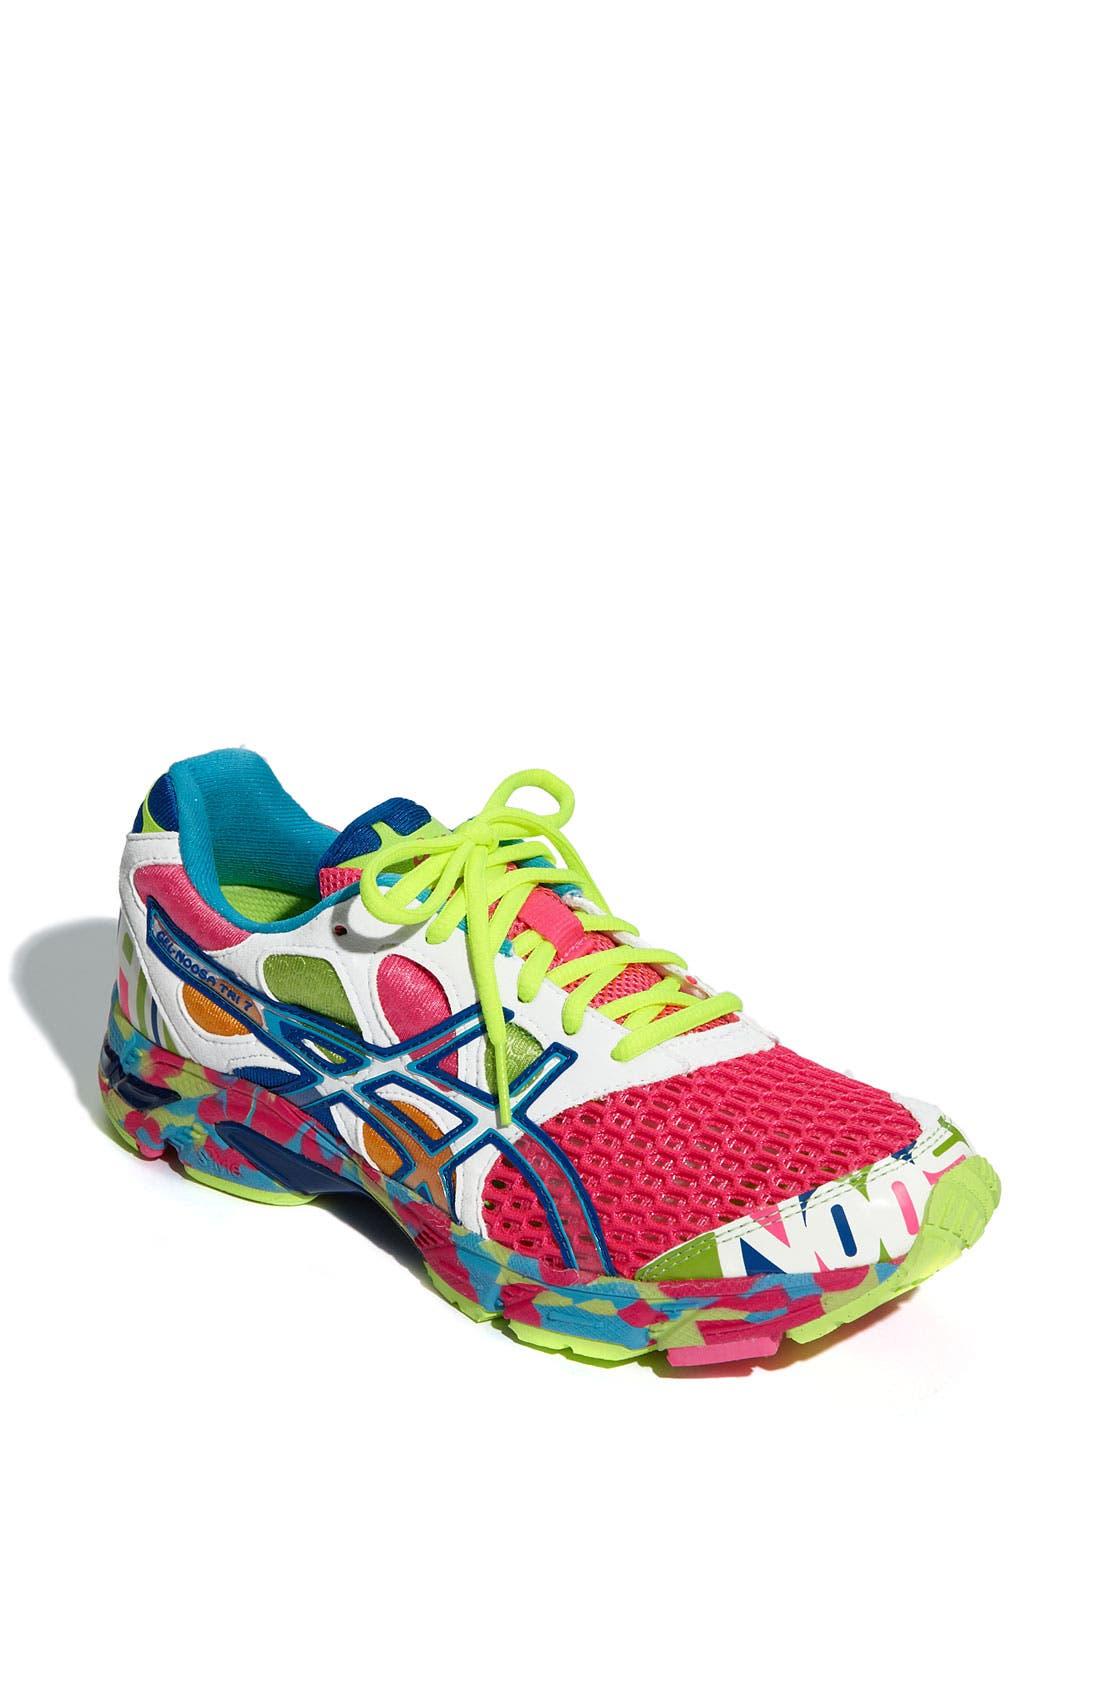 Alternate Image 1 Selected - ASICS® 'GEL-Noosa Tri™ 7' Running Shoe (Women)